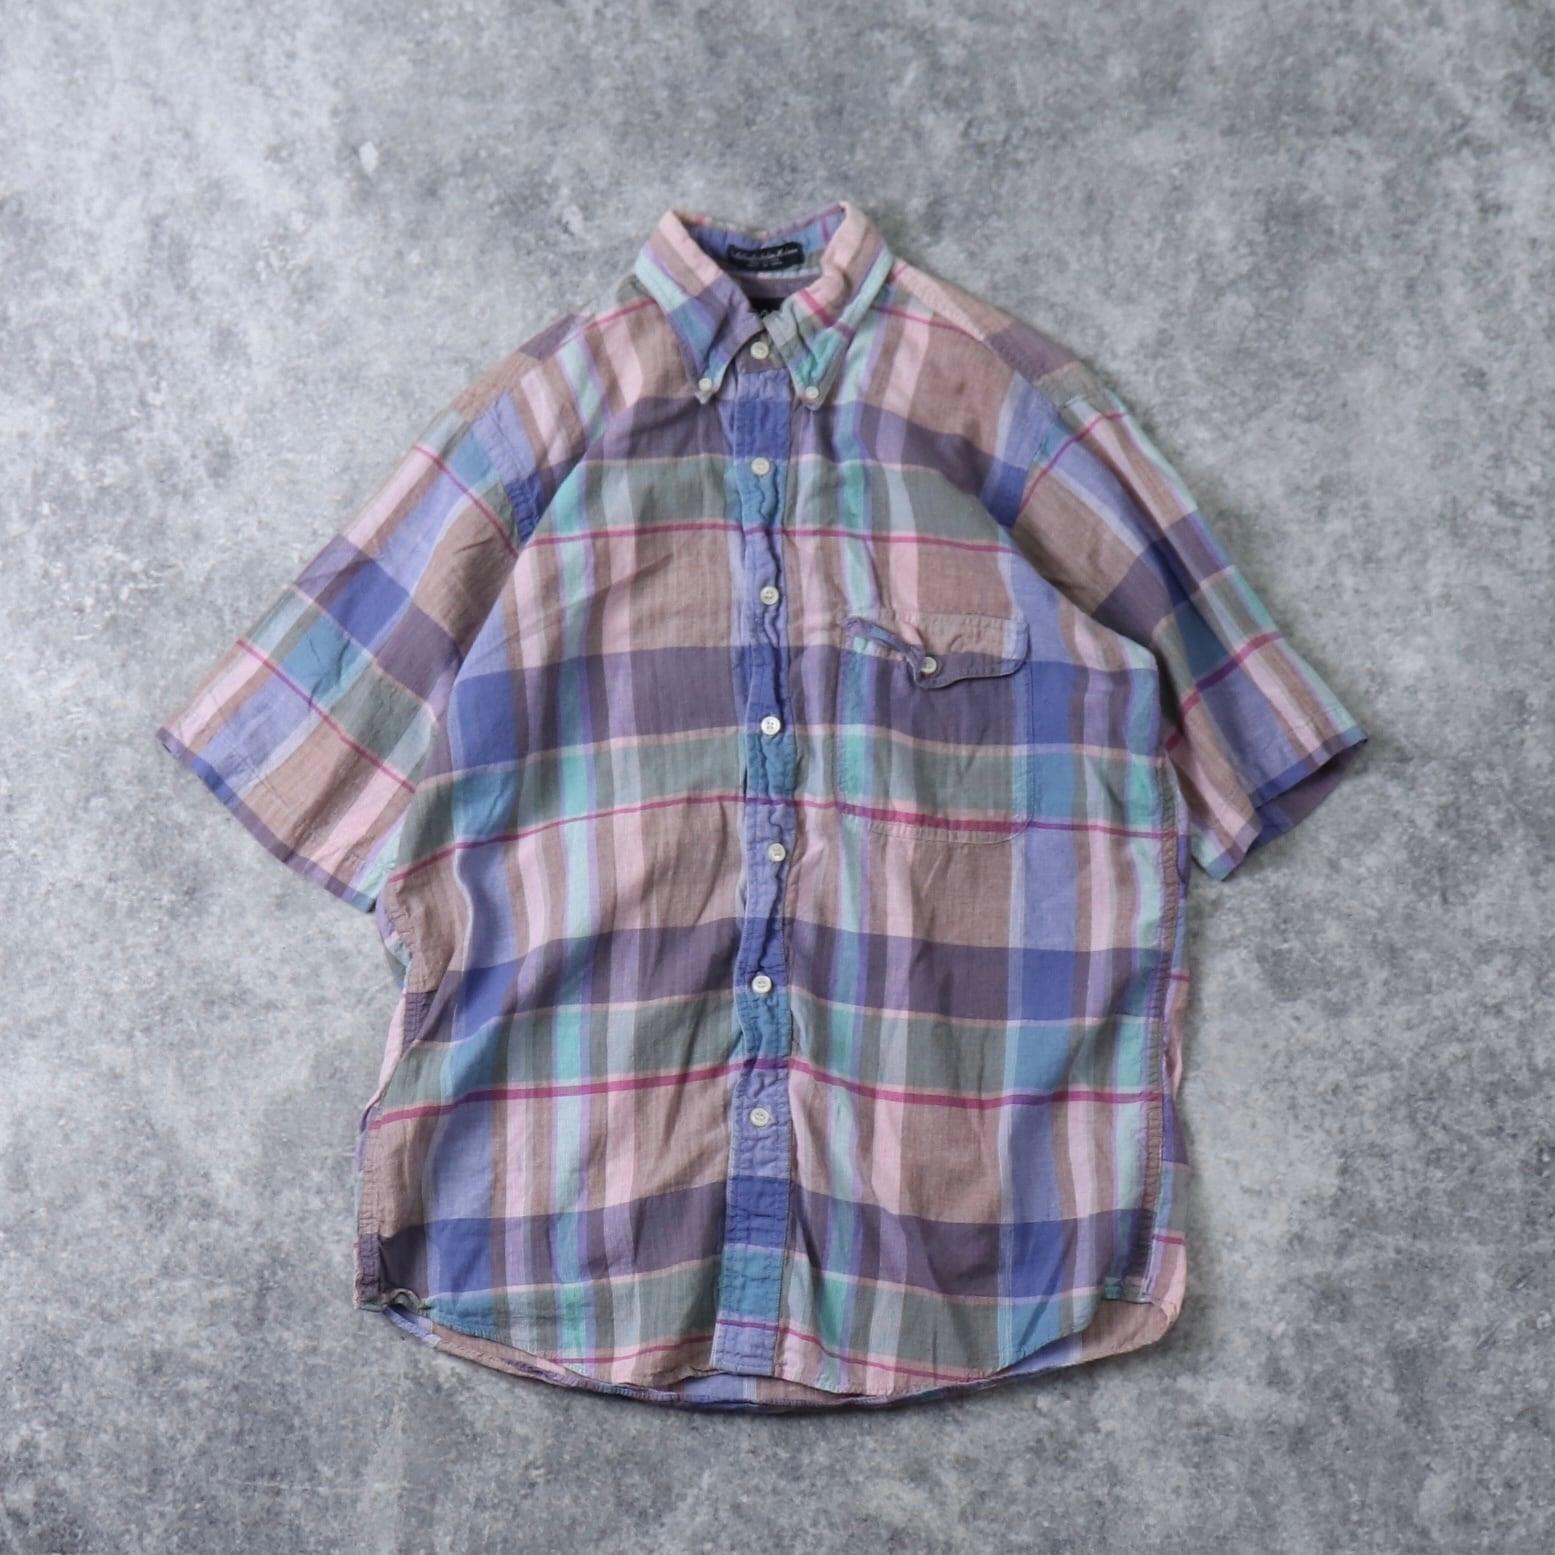 90's GANT 半袖BDシャツ インド綿 90年代 ボタンダウン アイビー Vintage ヴィンテージ  古着 A505